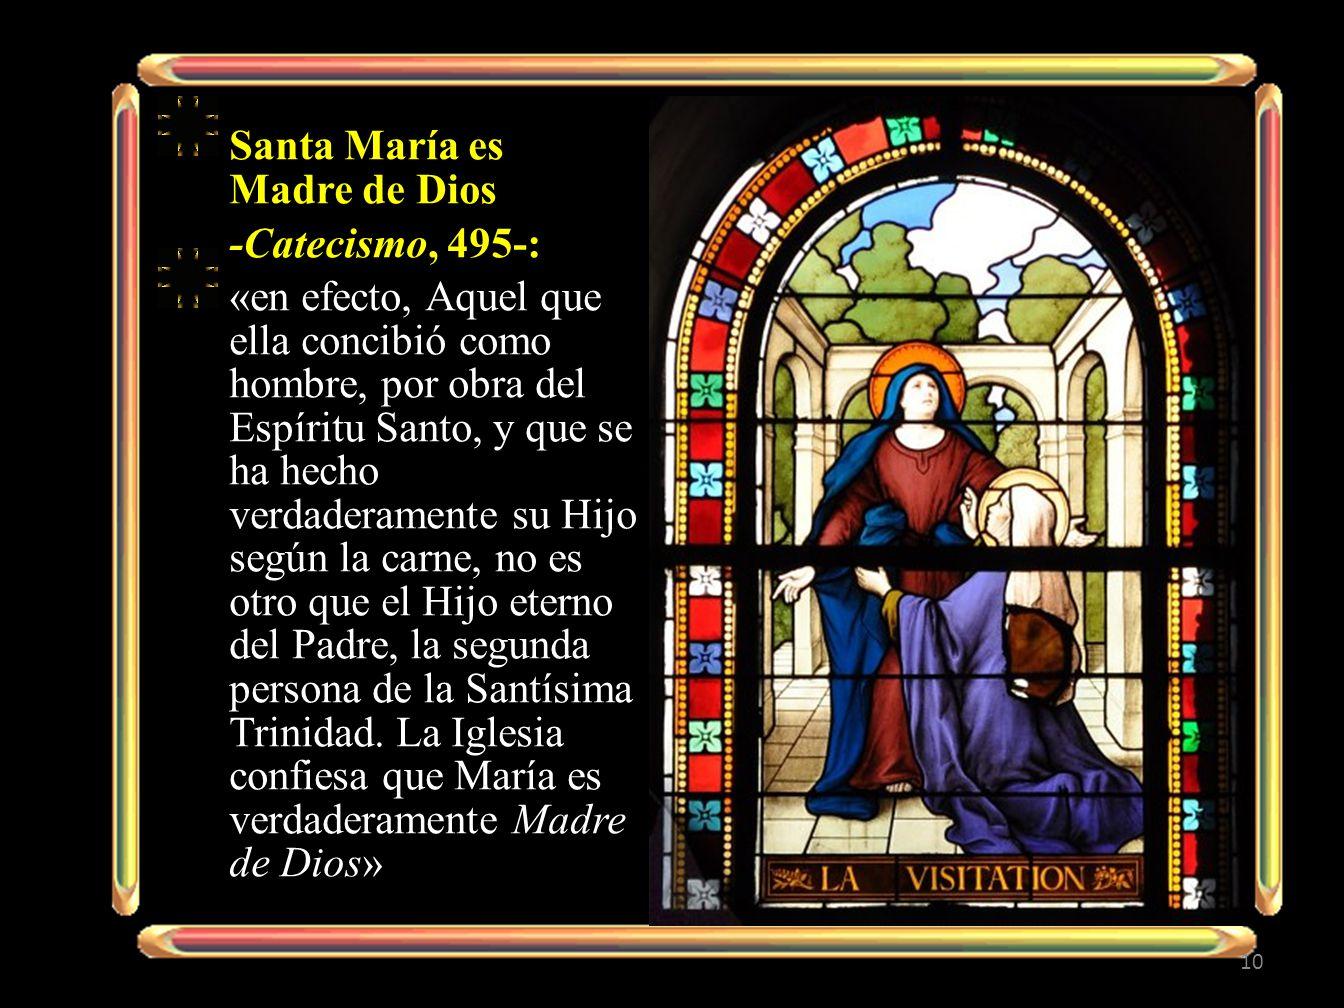 Santa María es Madre de Dios -Catecismo, 495-: «en efecto, Aquel que ella concibió como hombre, por obra del Espíritu Santo, y que se ha hecho verdaderamente su Hijo según la carne, no es otro que el Hijo eterno del Padre, la segunda persona de la Santísima Trinidad.